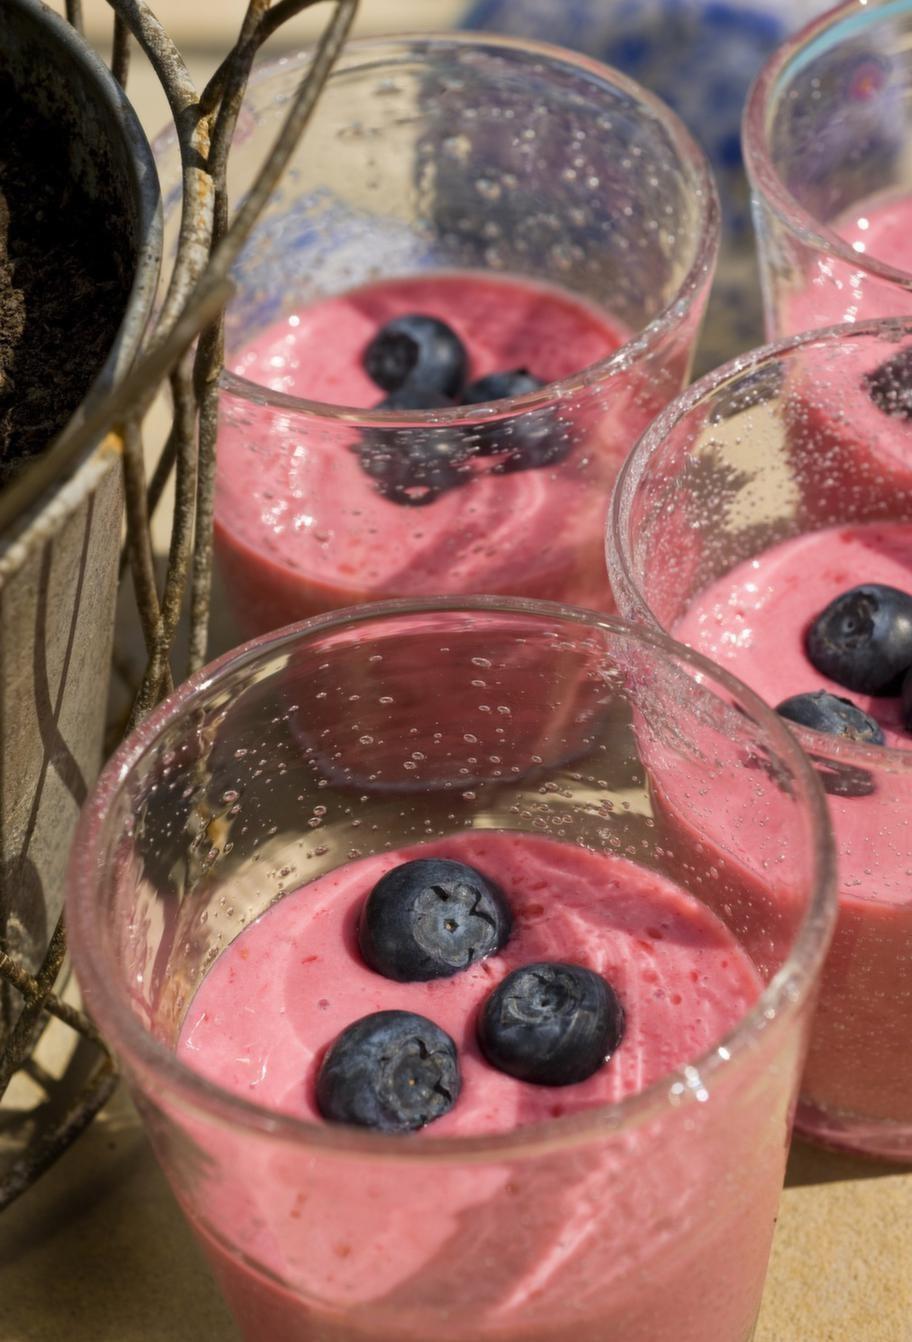 Blåbär<br>Serveringstips: Blåbär med mjölk, blåbärspaj eller smoothie med blåbär.